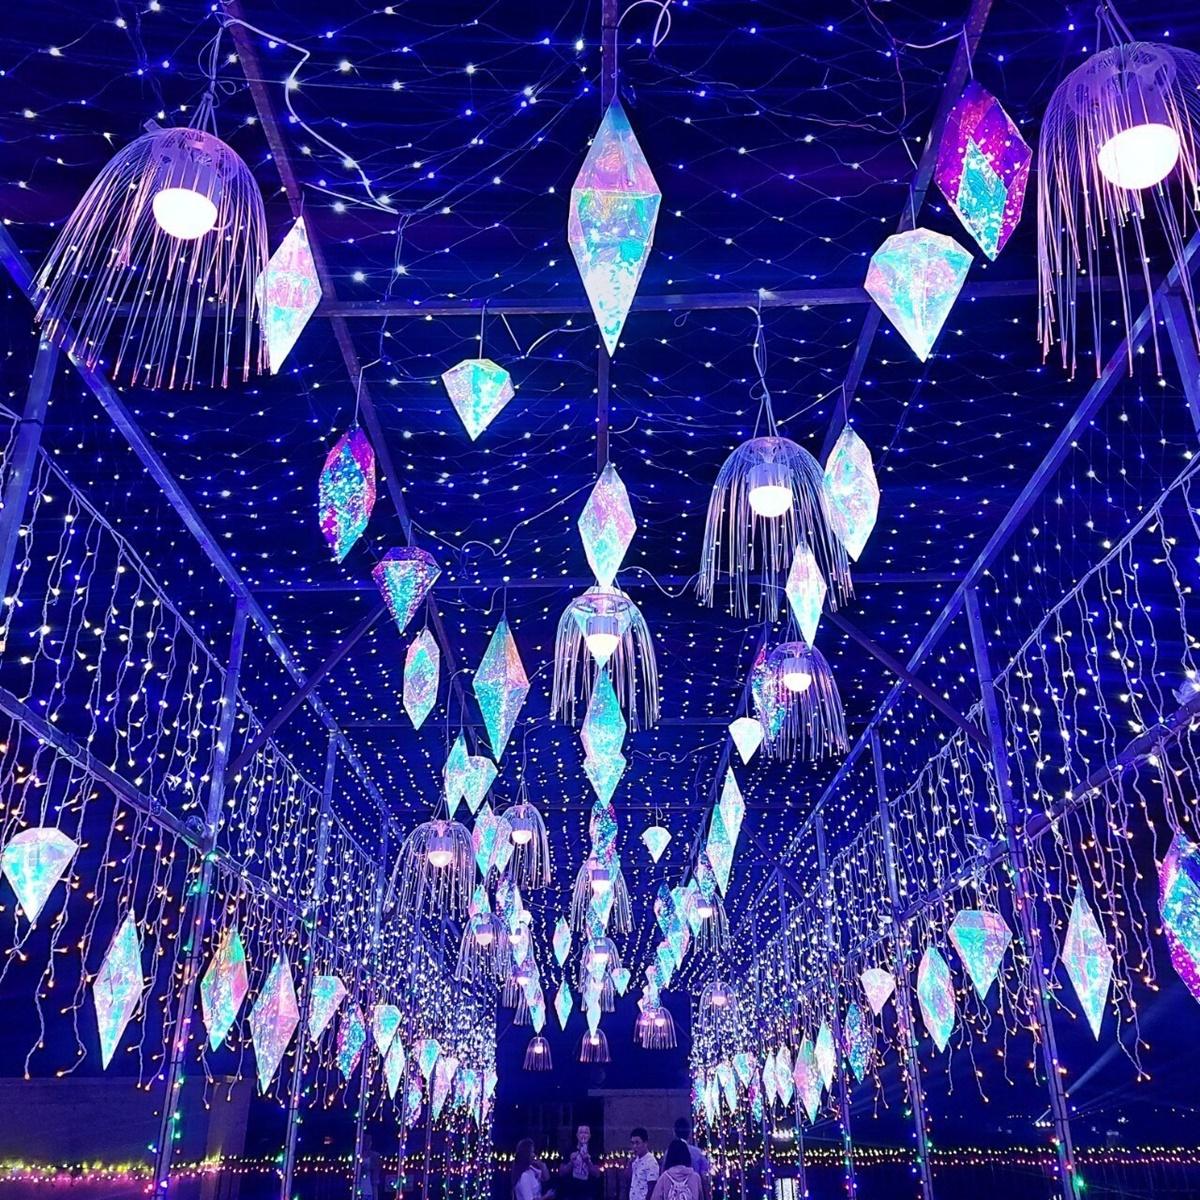 橫跨3個月超美「燈光節」!8公尺美人魚會旋轉、超狂「海平面」水舞秀